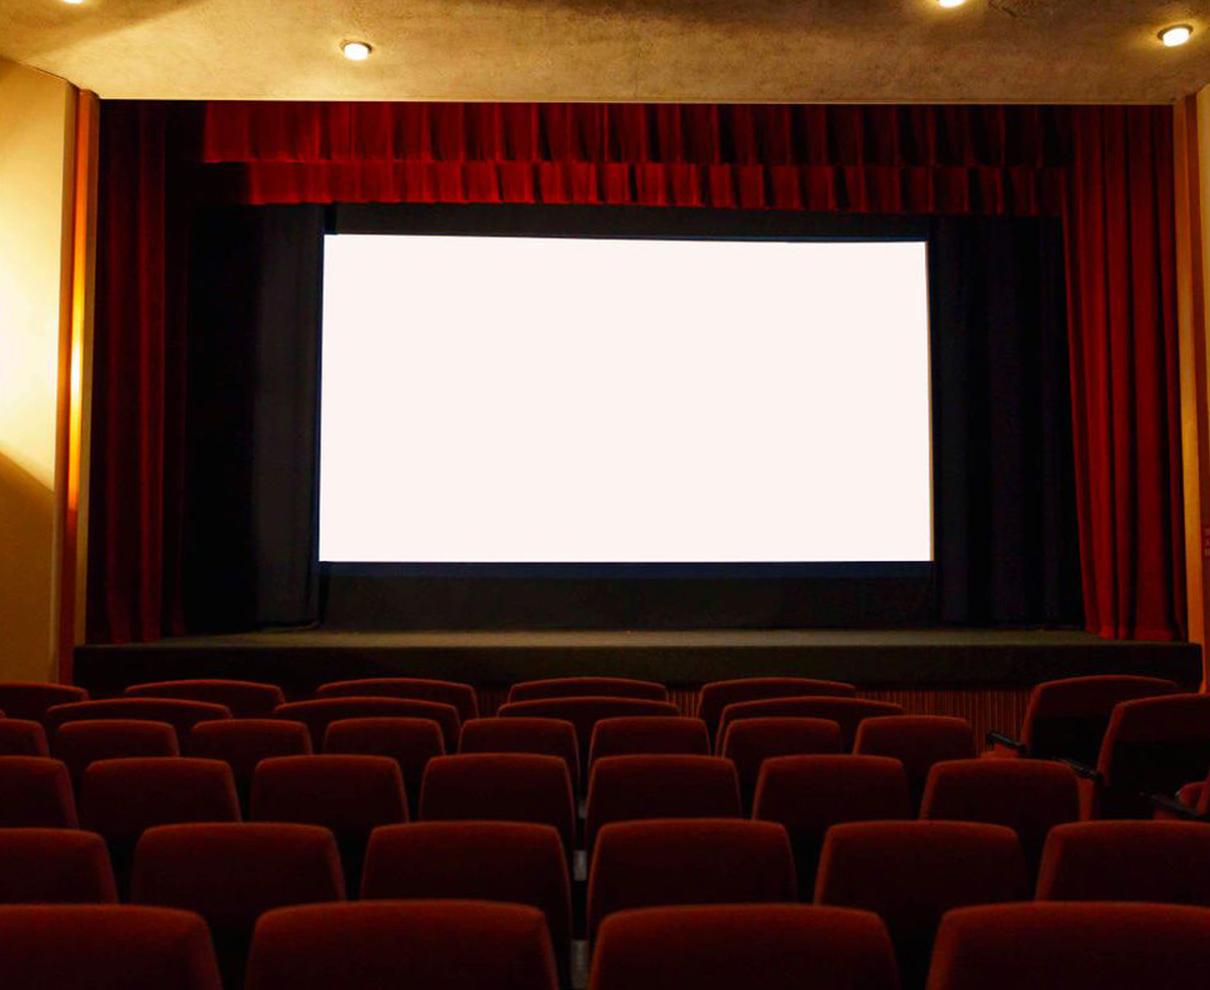 メトロ劇場が挑むクラウドファンディング。「作品の魅力を余すところなく届けたい」